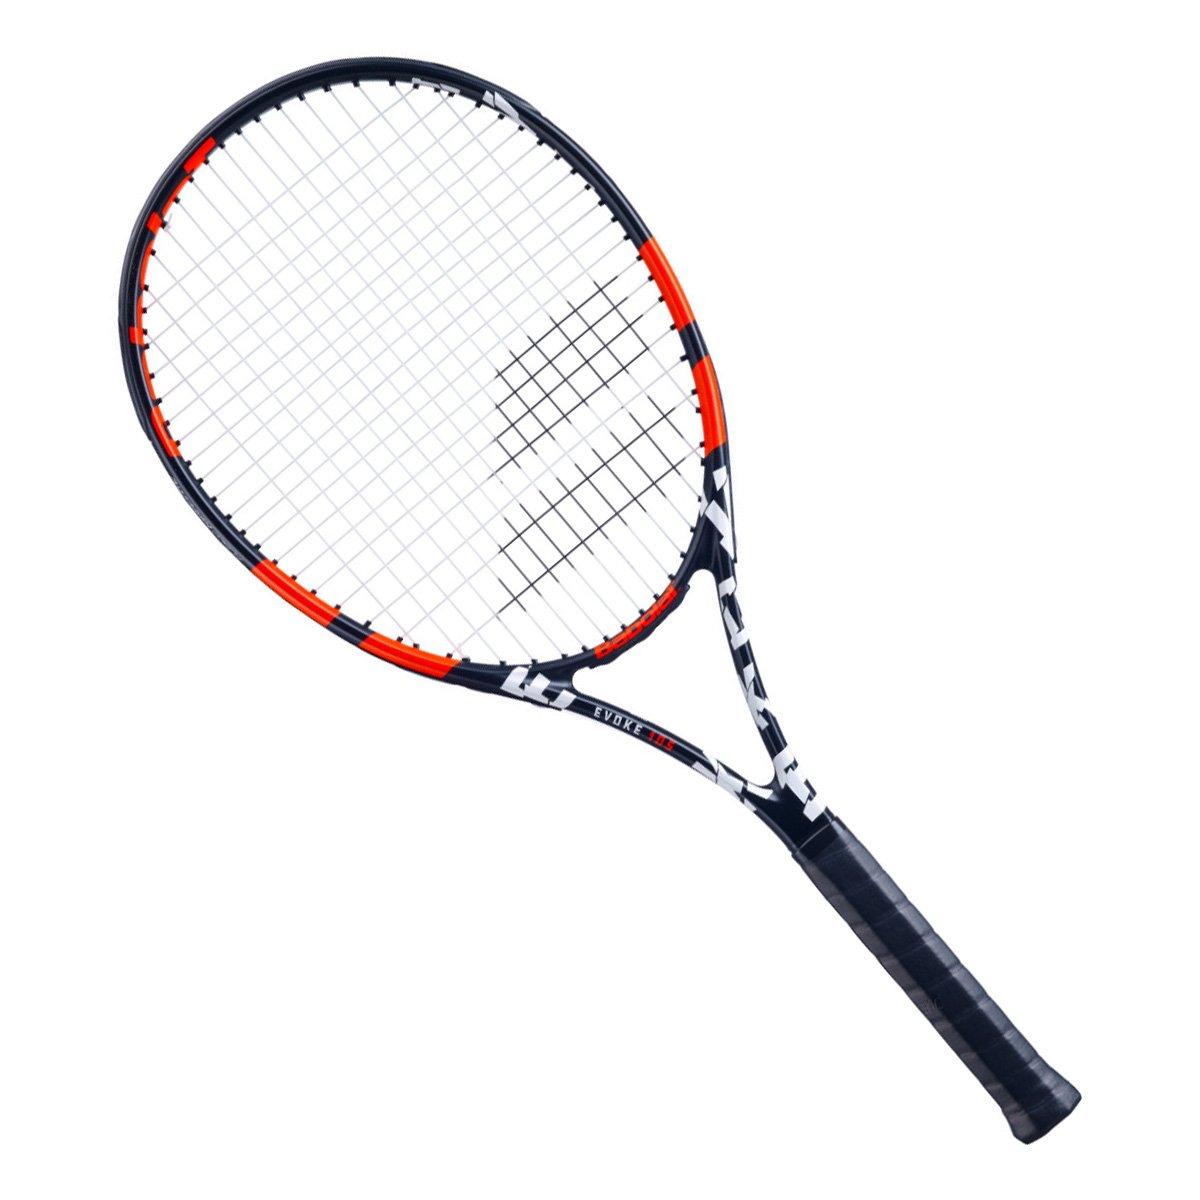 Raquete de Tênis Babolat Evoke 105 Preto e Vermelho